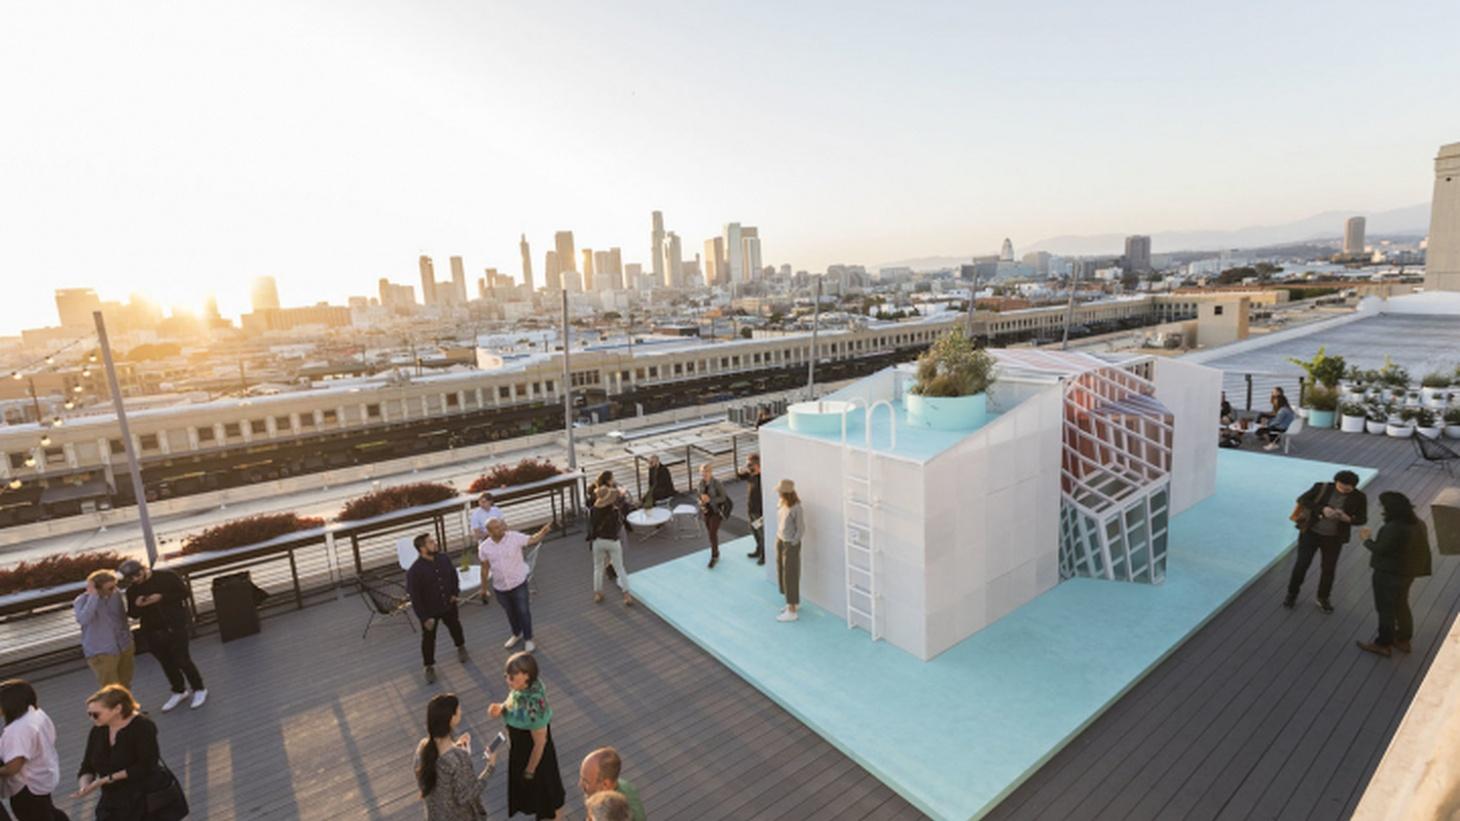 MINI LIVING Urban Cabin at LA Design Festival 2018 (Photo by Monica Orozco, courtesy LA Design Festival)